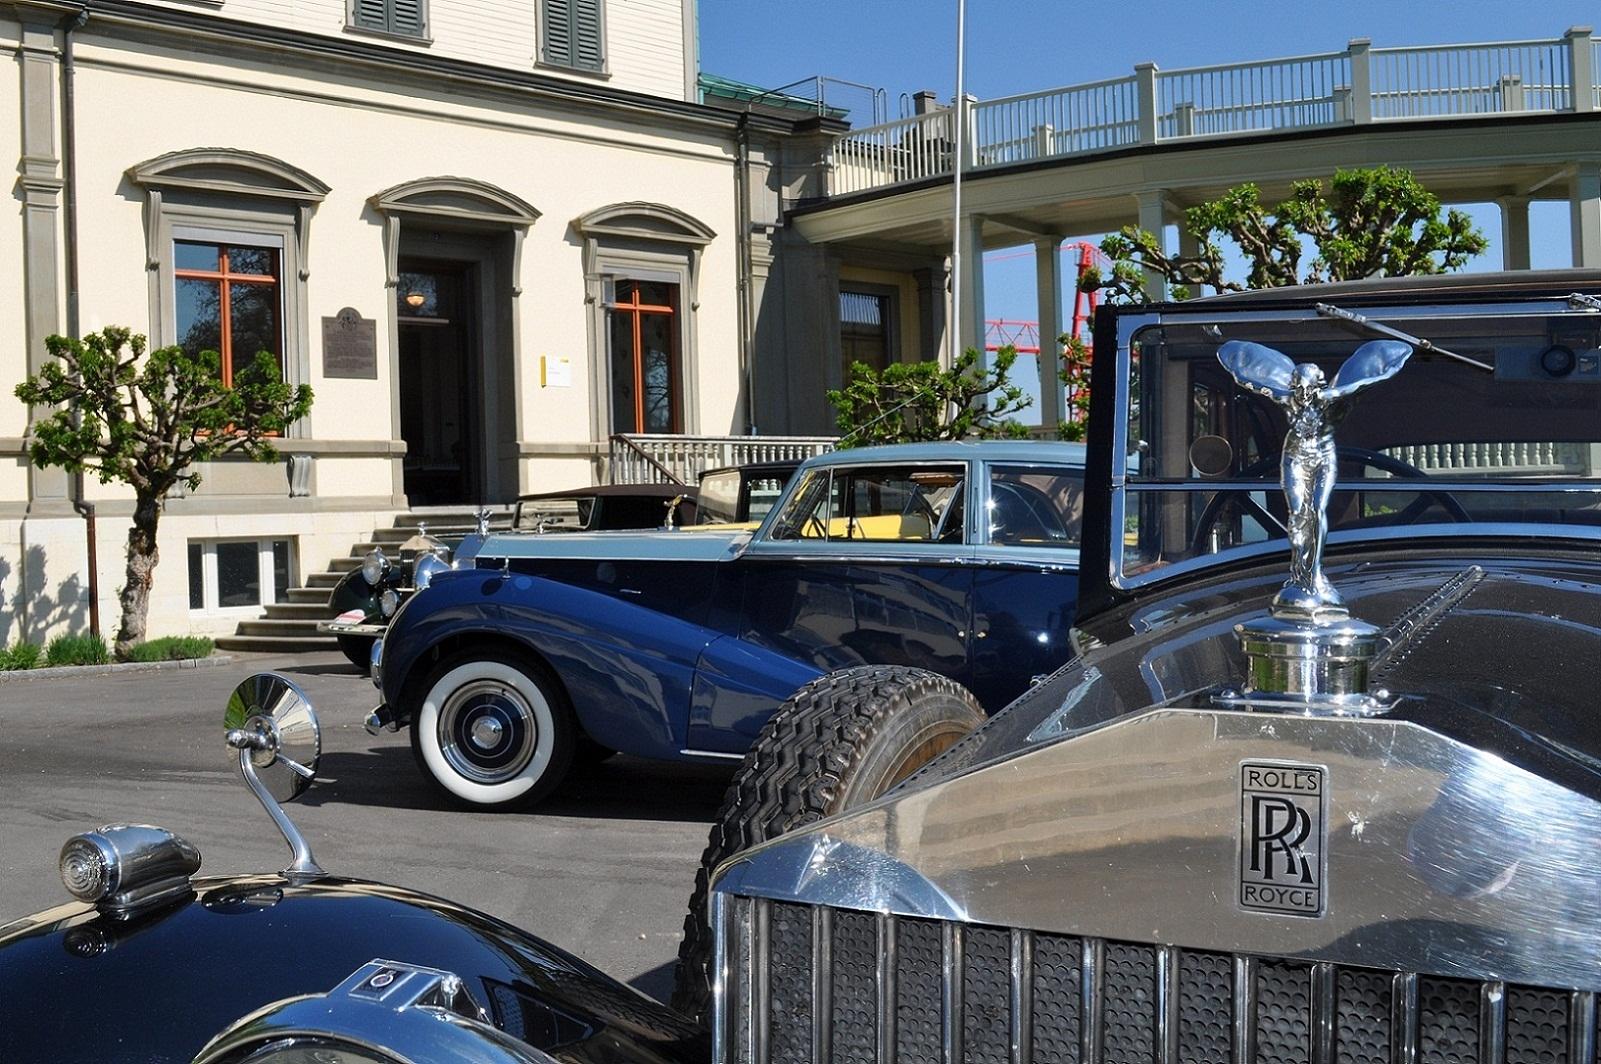 當勞斯萊斯遇上亨利慕時:H. Moser & Cie.勞斯萊斯車迷俱樂部限量腕錶